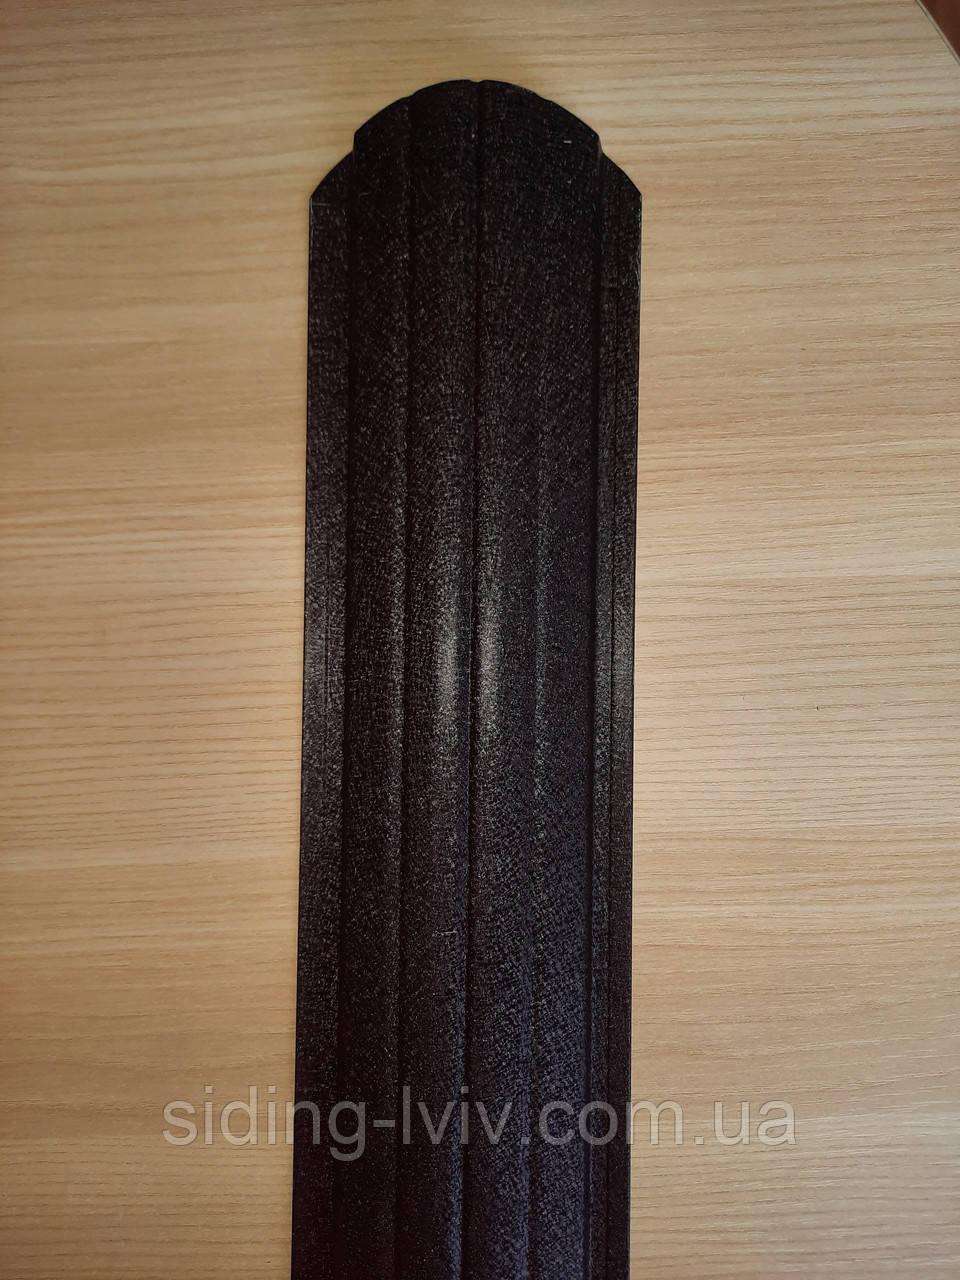 Євроштахети 105 мм матовий сірий, графіт Ral 7024 мат, Ral 9005 мат (штахетник металевий)